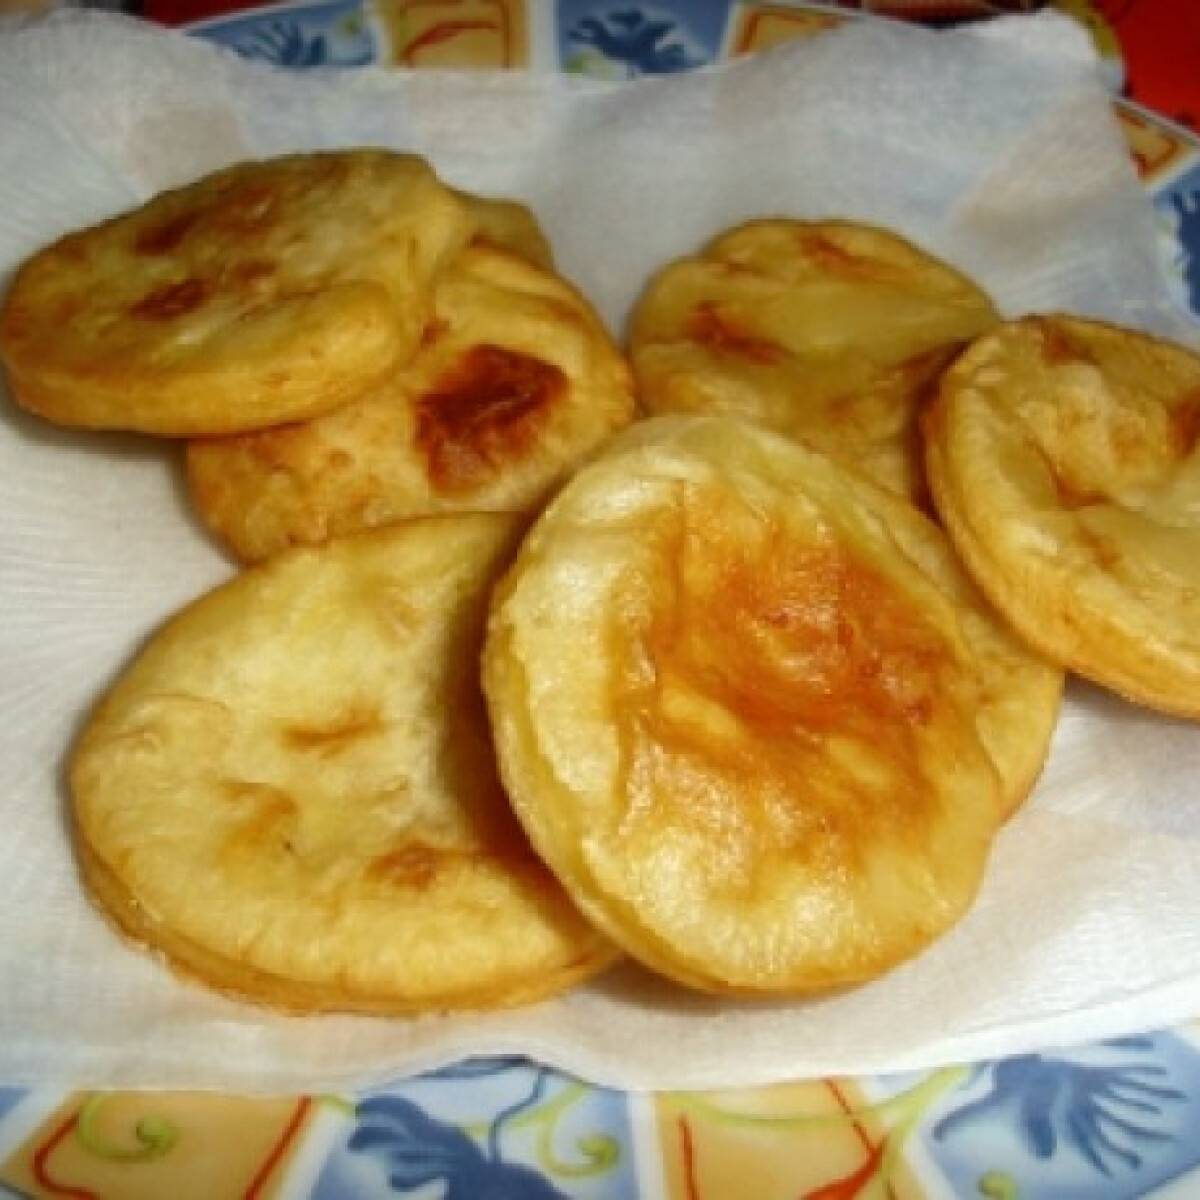 Olajban sütött krumplis pogácsa